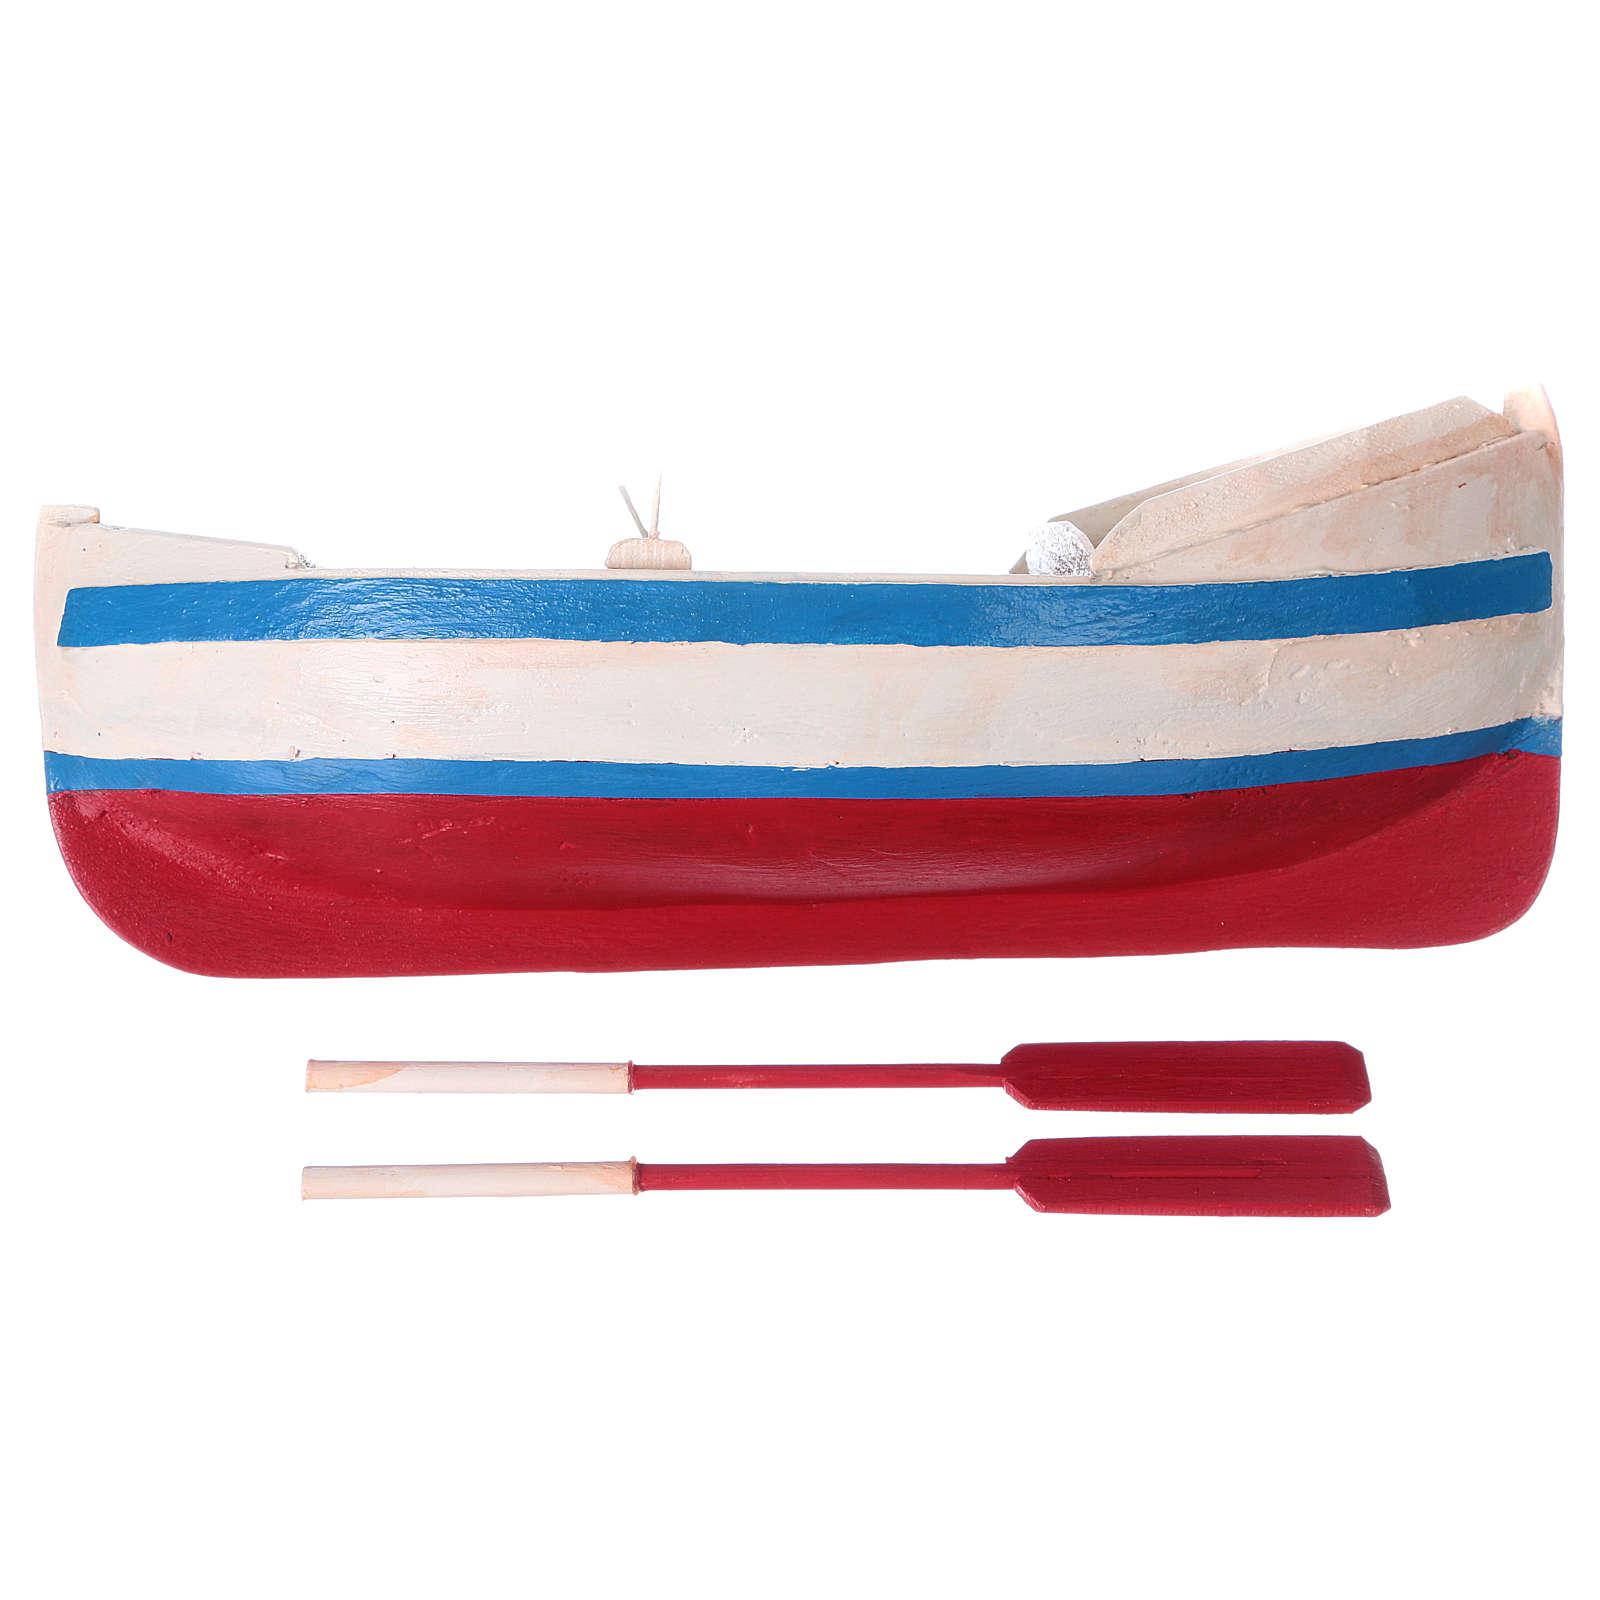 Boat for Nativity Scene 12 cm 4